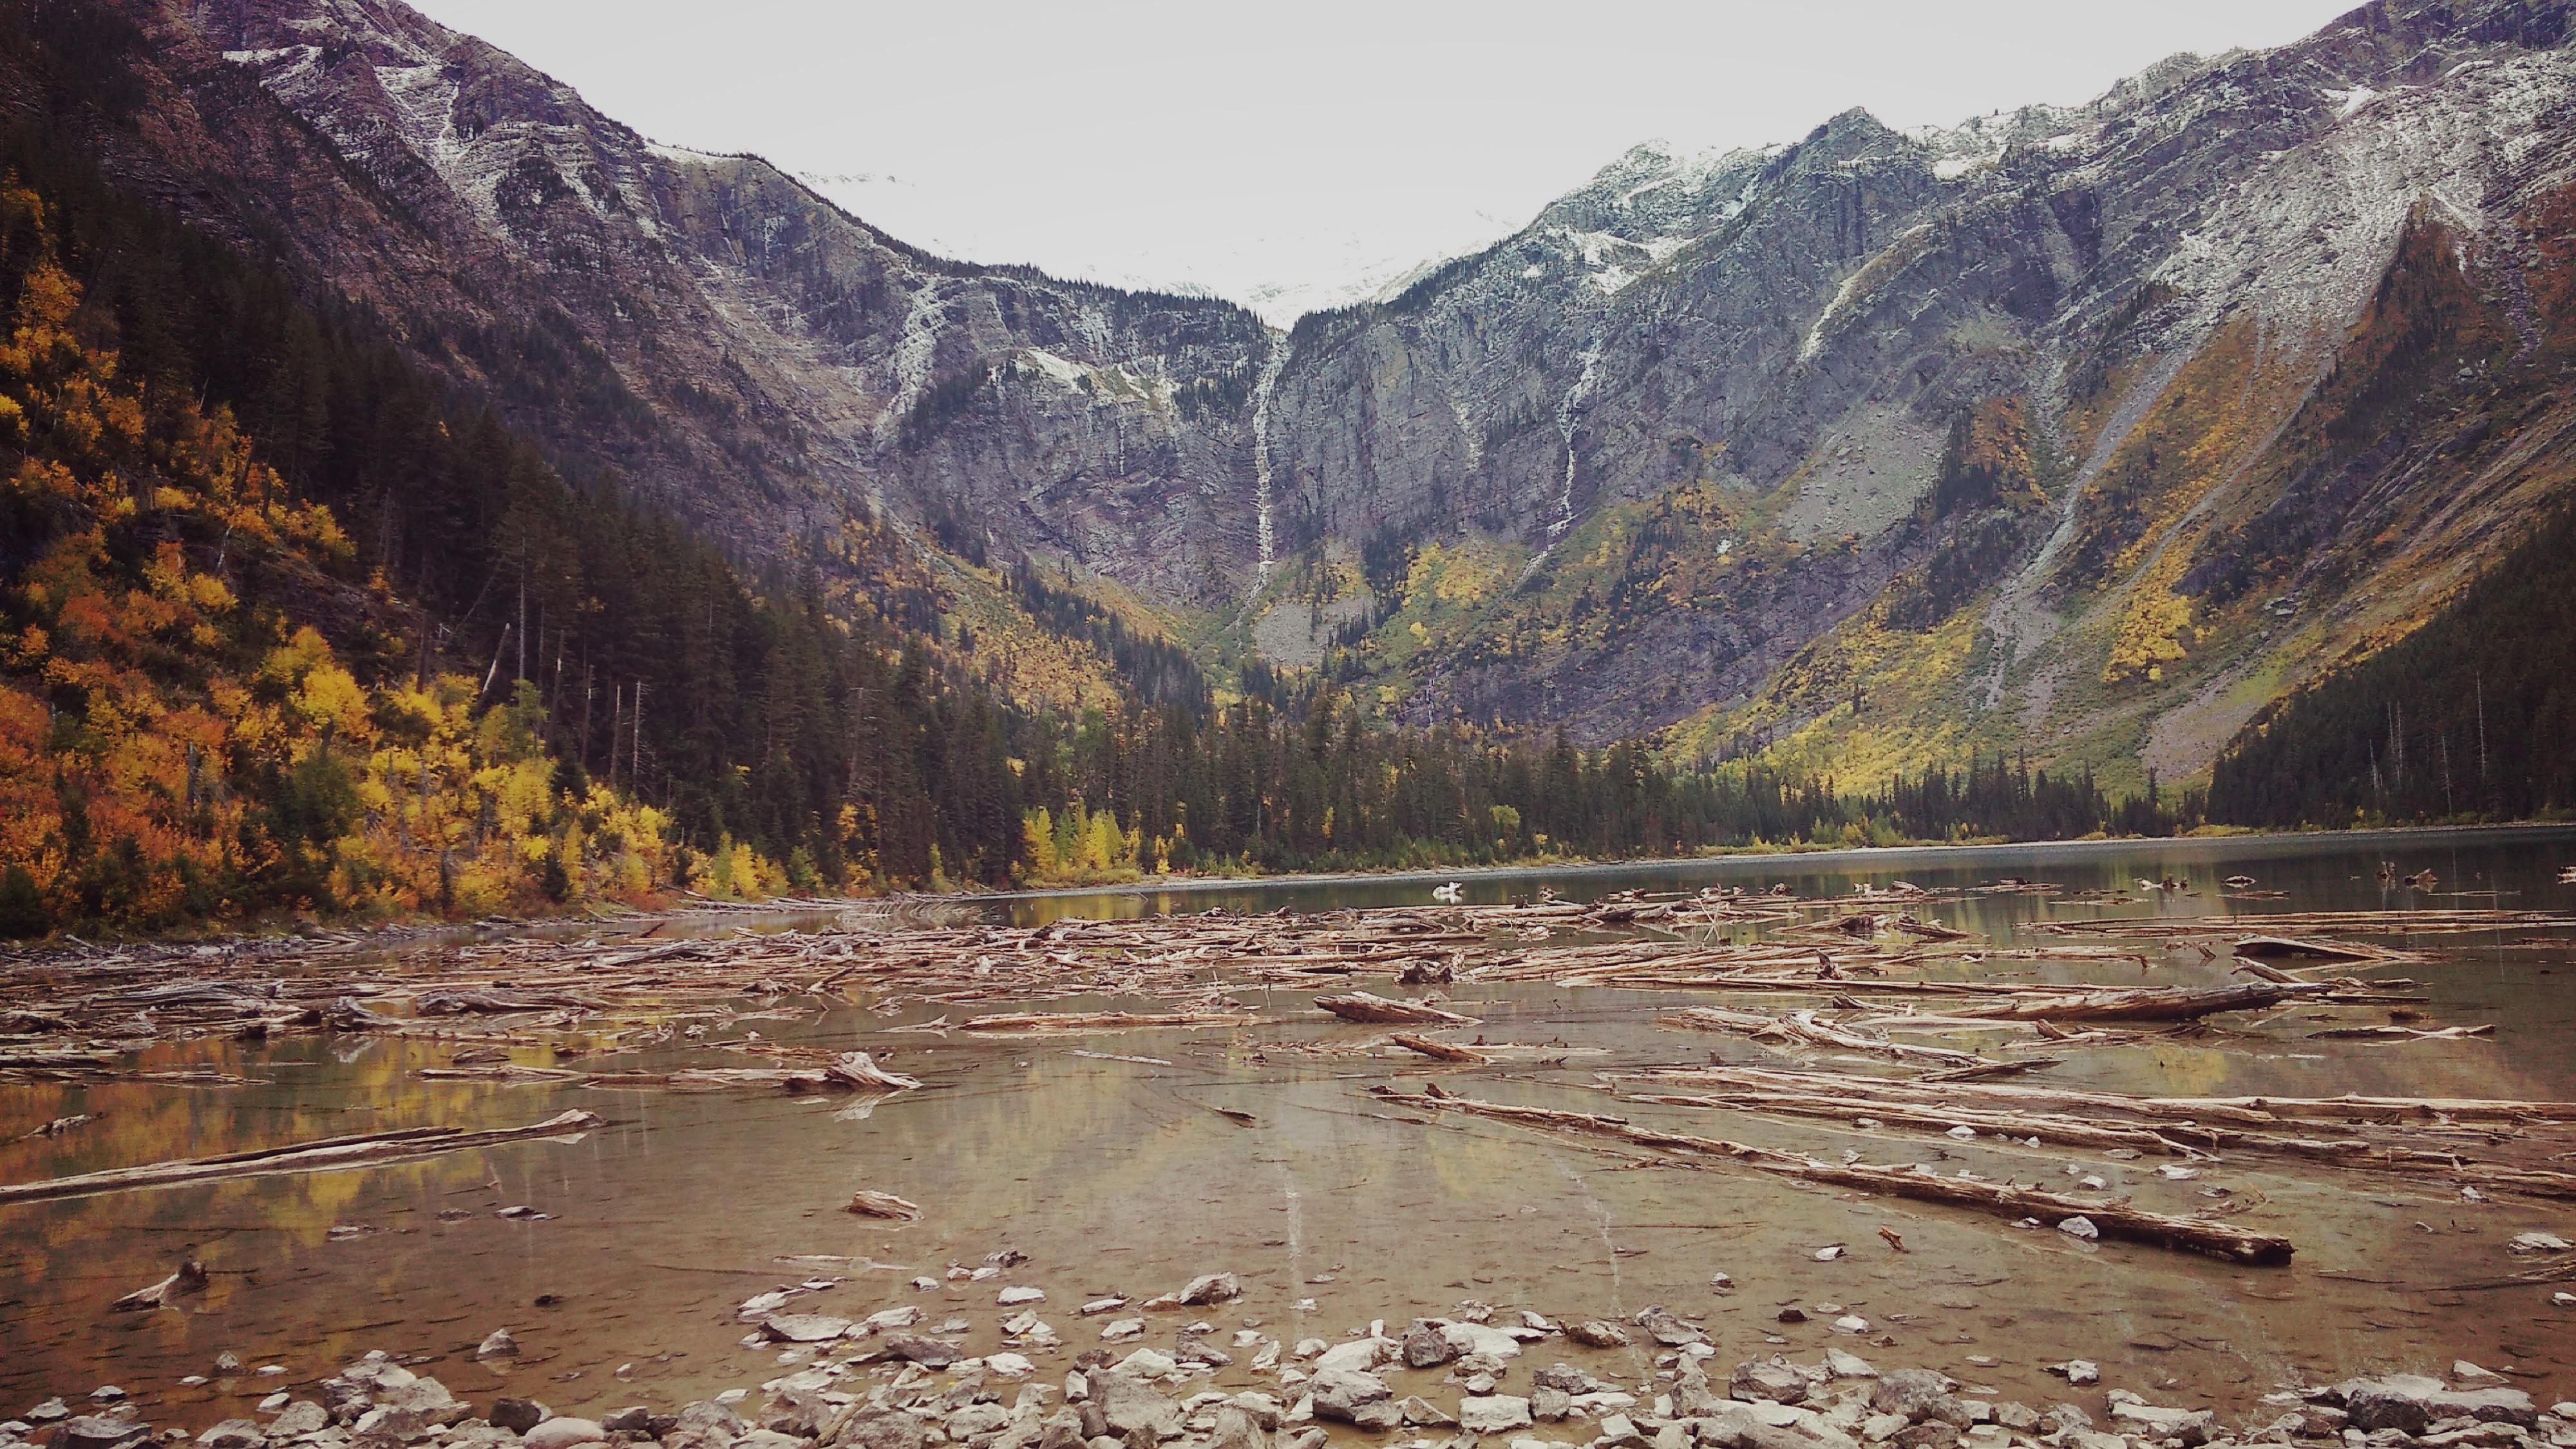 Parque Nacional de los Glaciares. Montana, EE.UU. Avalanche Lake